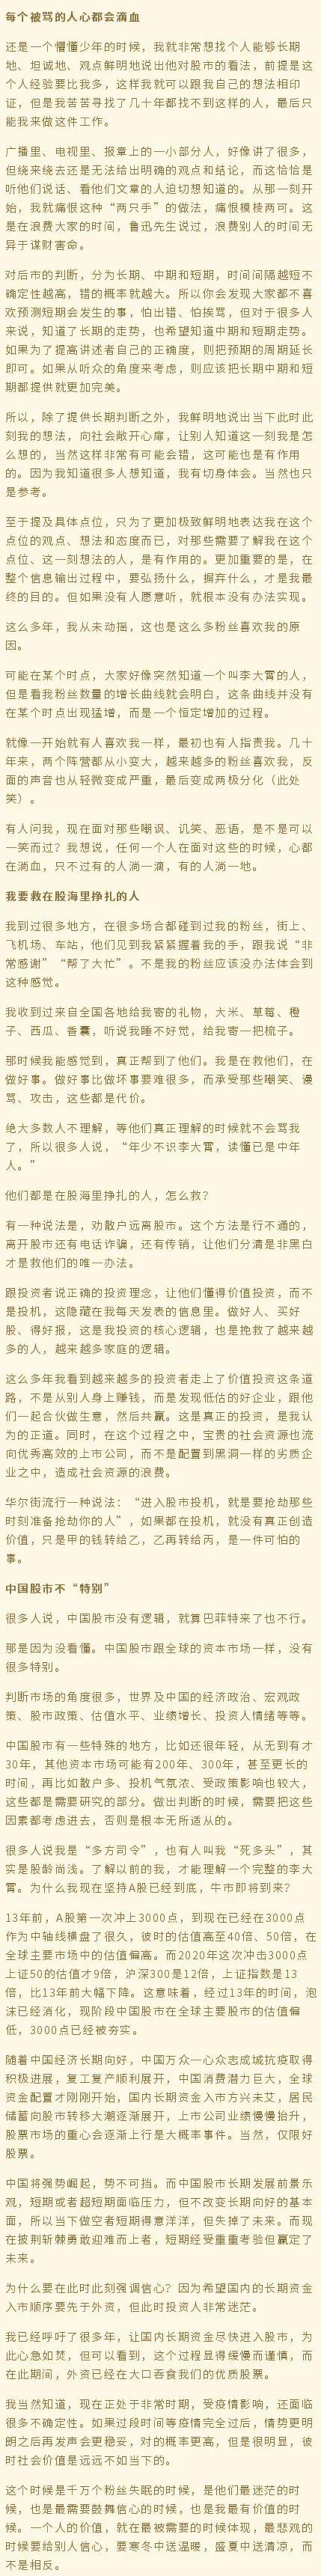 李大霄遭遇监管谈话属实 证监系统对个人处罚不一定公开